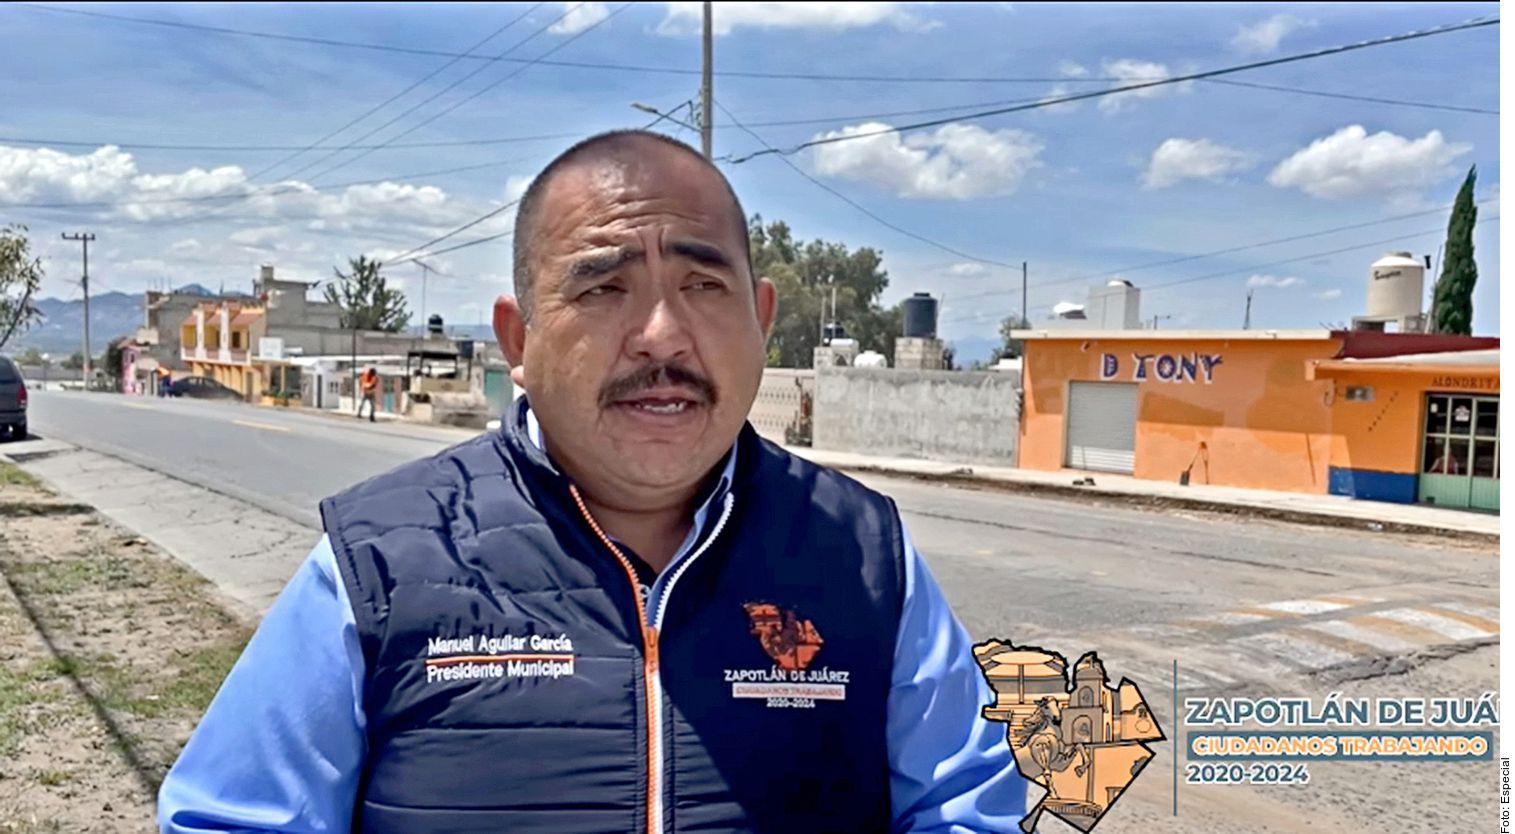 Manuel Aguilar García, presidente municipal de Zapotlán de Juárez, Hidalgo, fue asesinado a balazos, confirmó dirigente nacional de Movimiento Ciudadano.